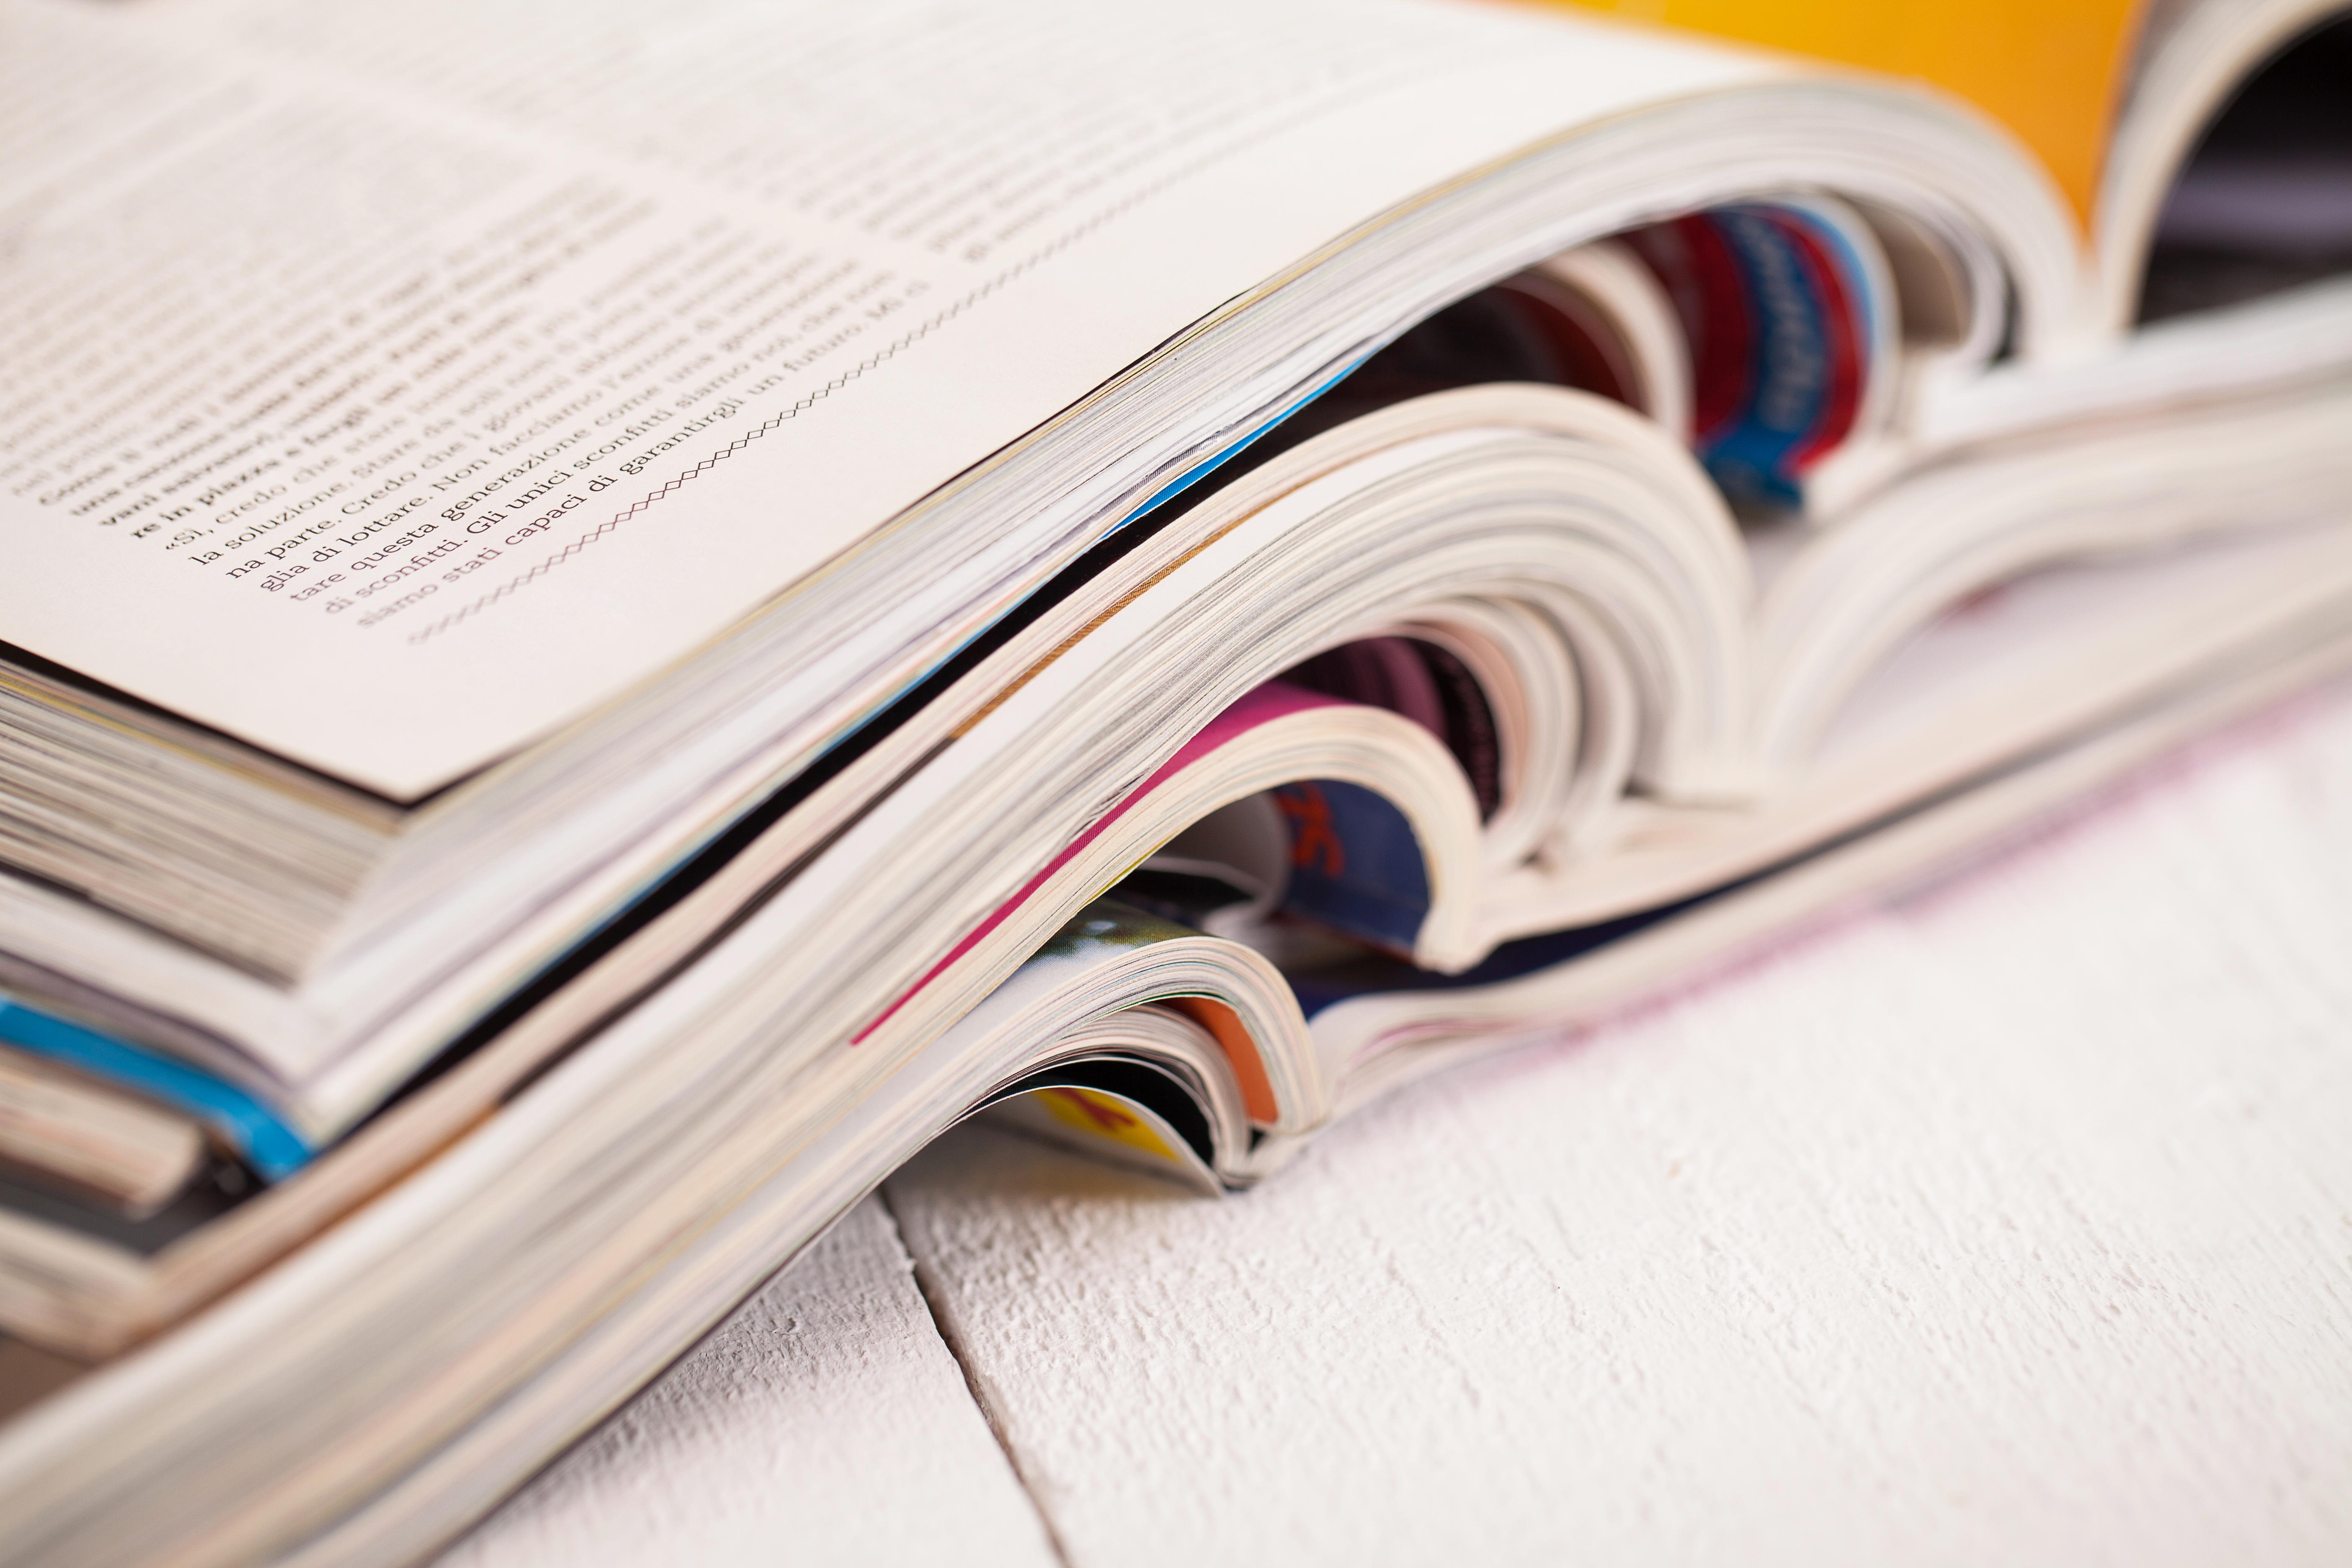 GENIORS scientific publication